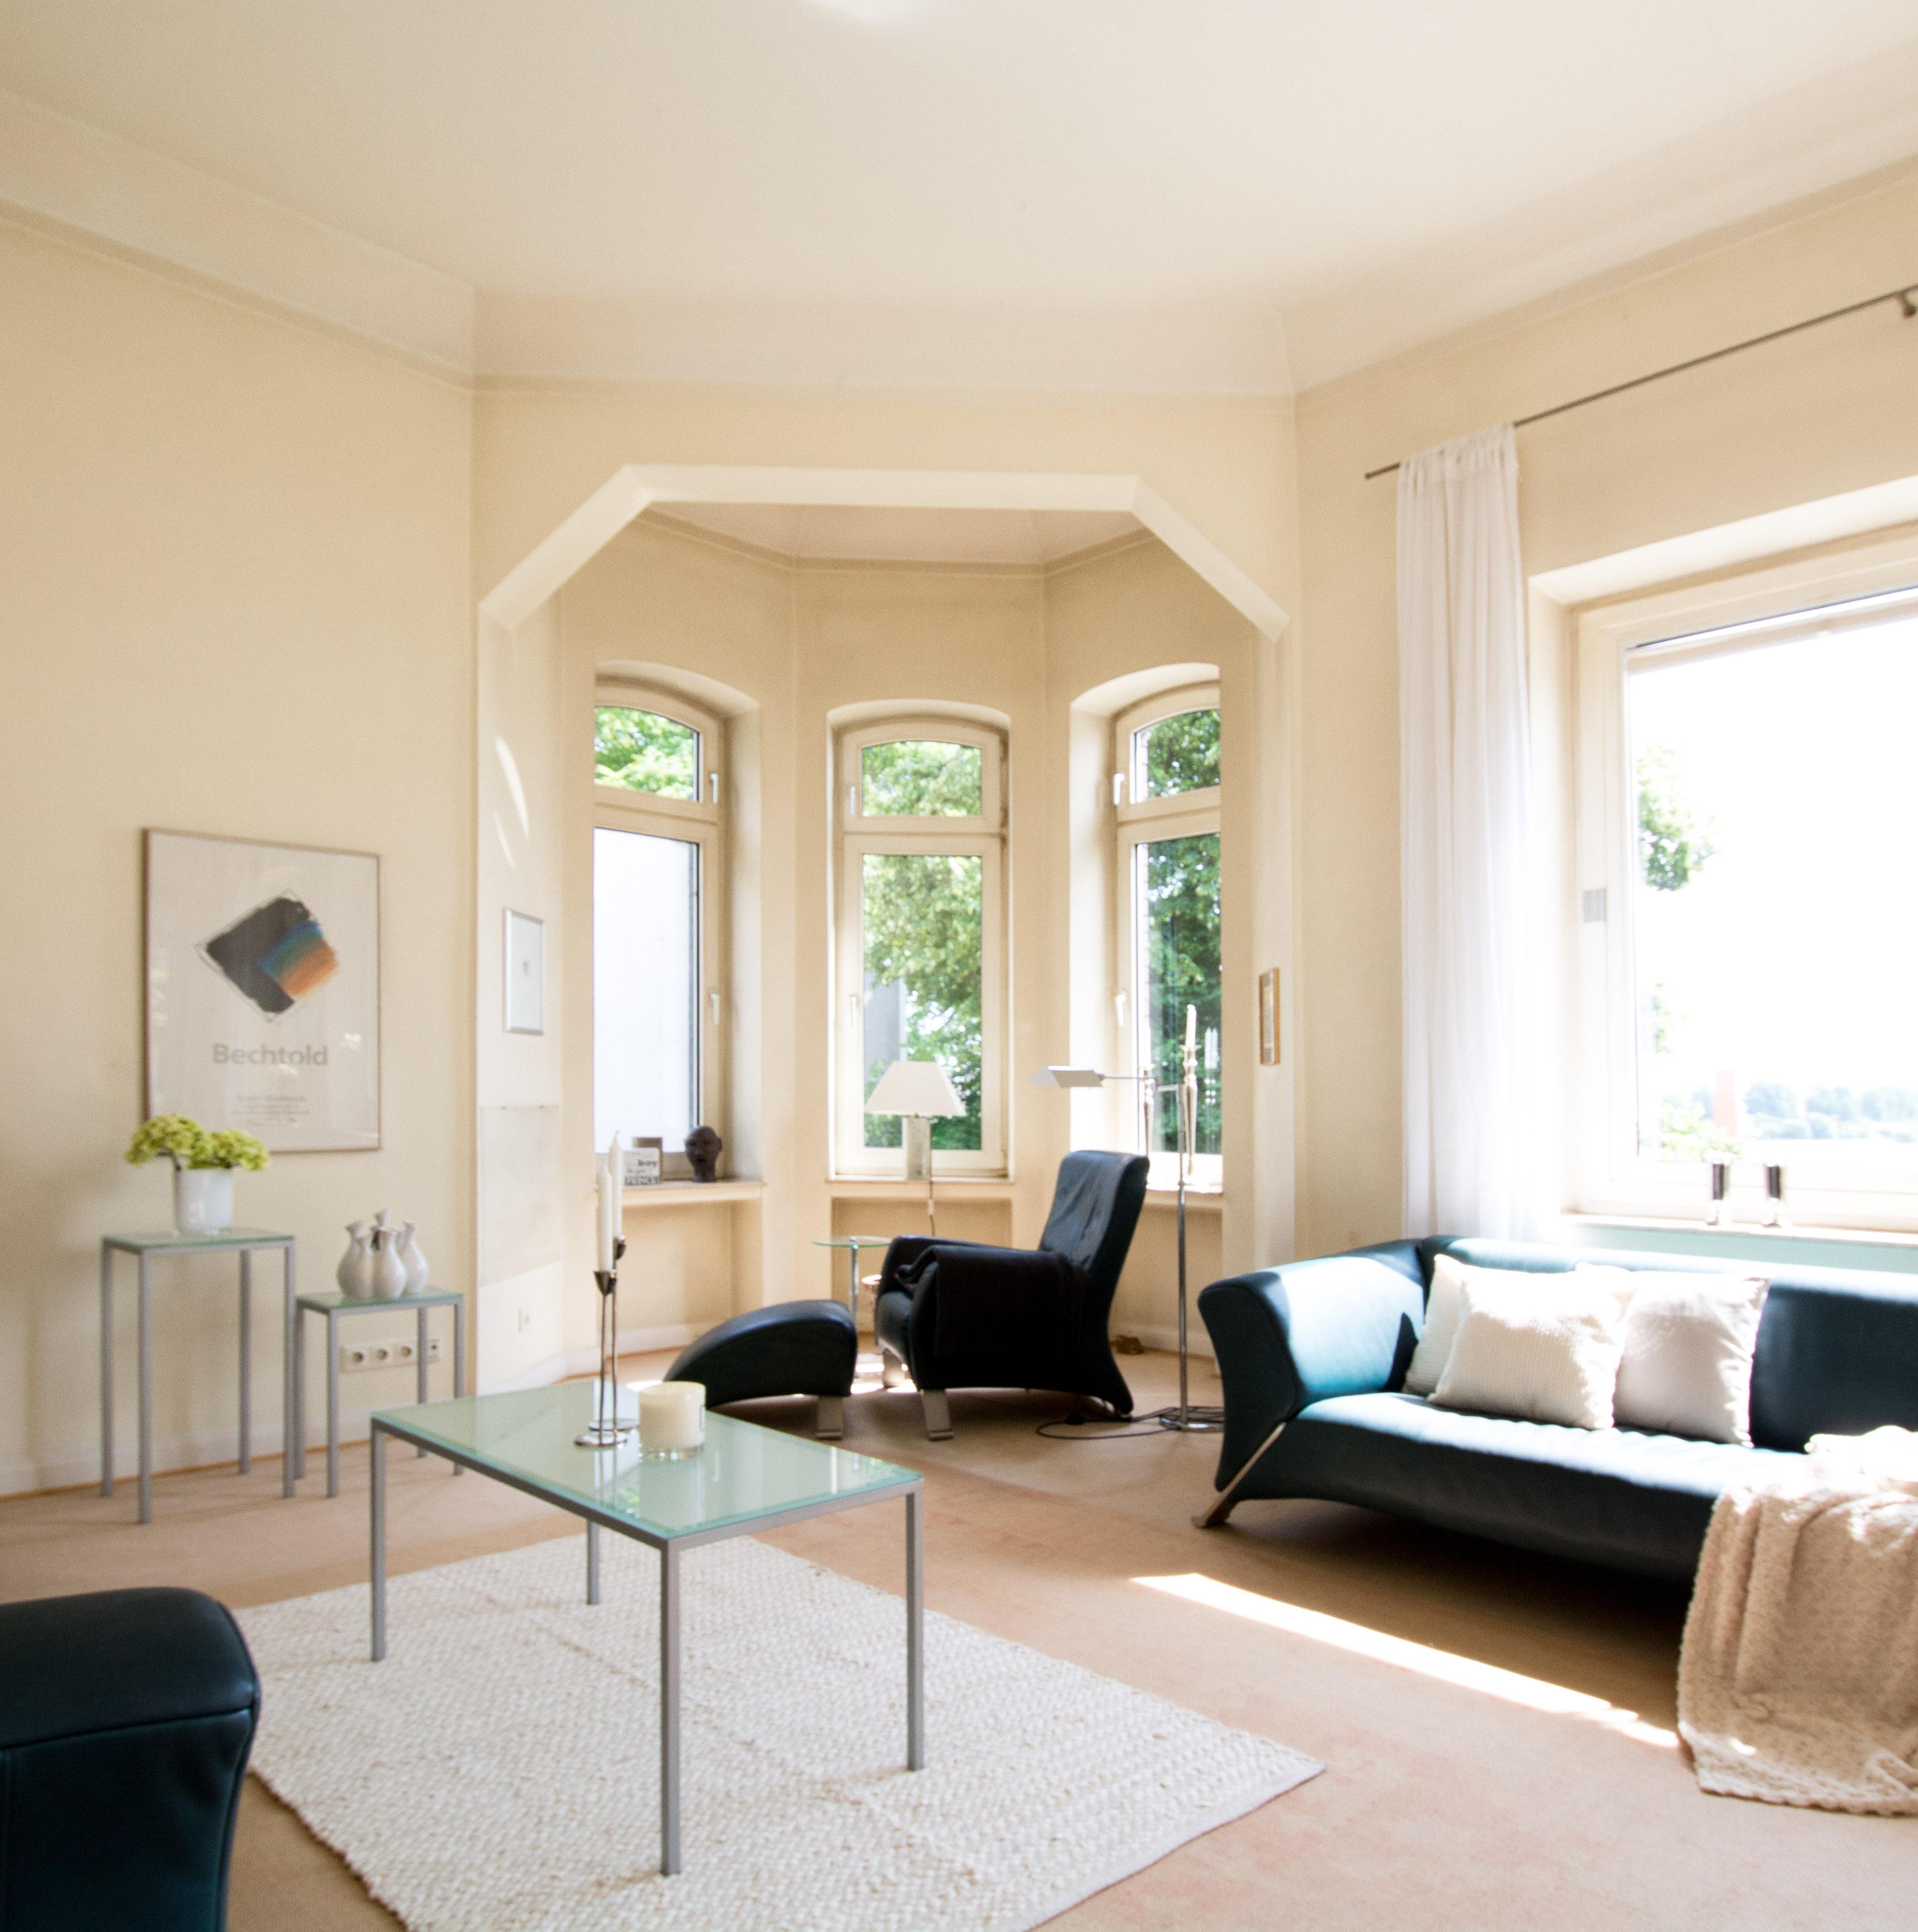 Genial Erkerfenster Ideen Von Erker #glastisch #erker #sofakissen #erkerfenster #sofa #blauessofa